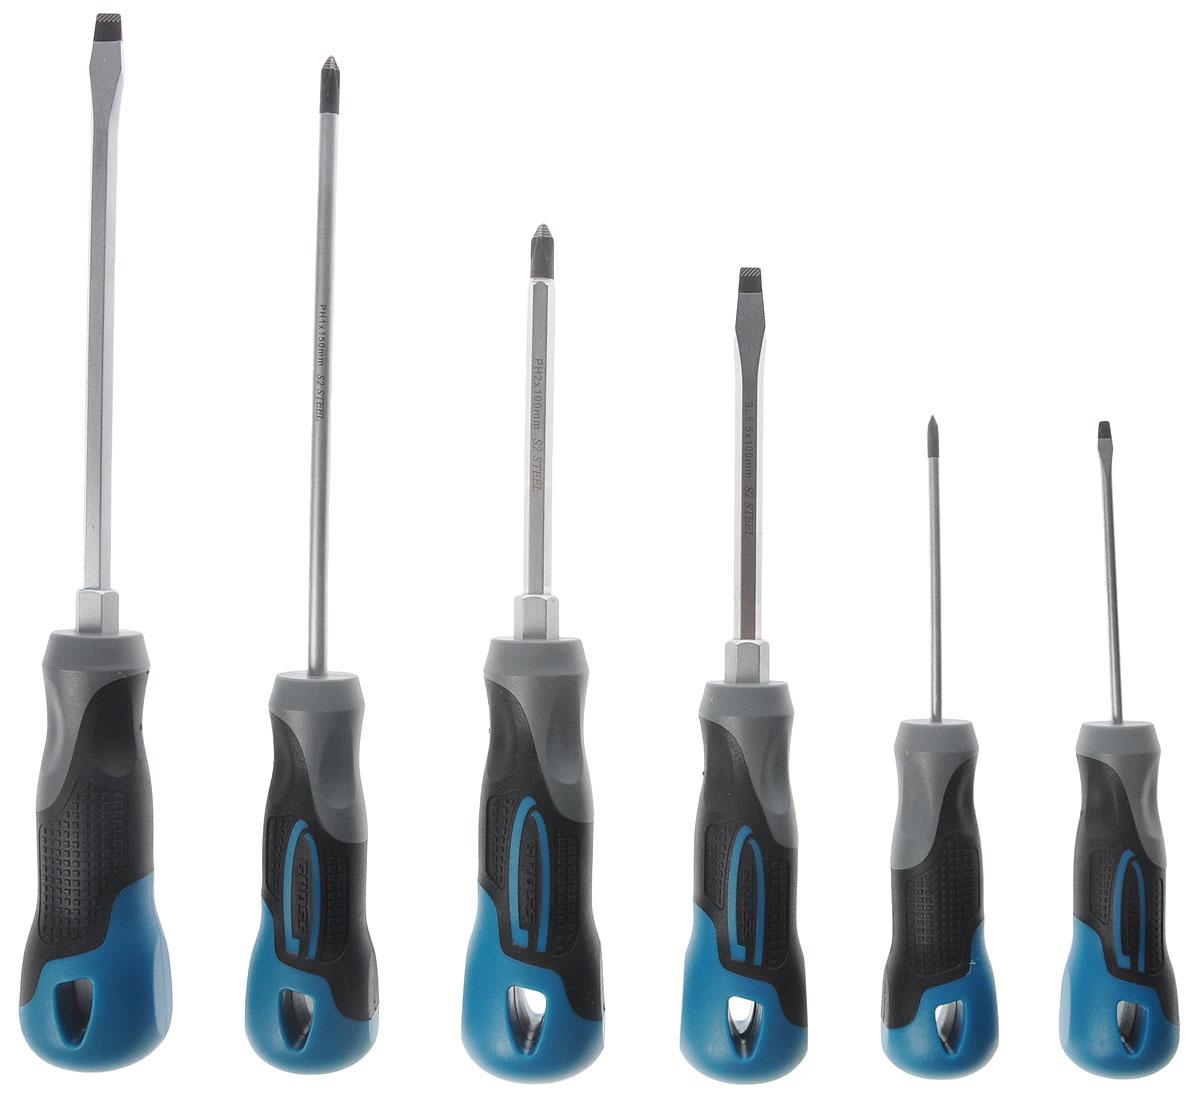 Набор отверток Gross, 6 шт12164Отвертки торговой марки Gross изготовлены из высококачественной инструментальной стали S2, имеют намагниченный наконечник.Предназначены отвертки для монтажа/демонтажа резьбовых соединений с типом шлица: SL3.0, SL5.5, SL6.5 (плоская отвертка) и PH0, PH1, PH2 (крестовая отвертка).Стержни закалены индукционными токами и покрыты хромовым защитным слоем.Эргономичные трехкомпонентные рукоятки изготовлены методом цельного литья, что придает прочность сцепления стержня и рукоятки.У основания рукояток имеется шестигранные выступы для работы с гаечным ключом на 10 мм.Упакованы отвертки в подвесную ламинированную коробку, удобную для размещения на стенде.